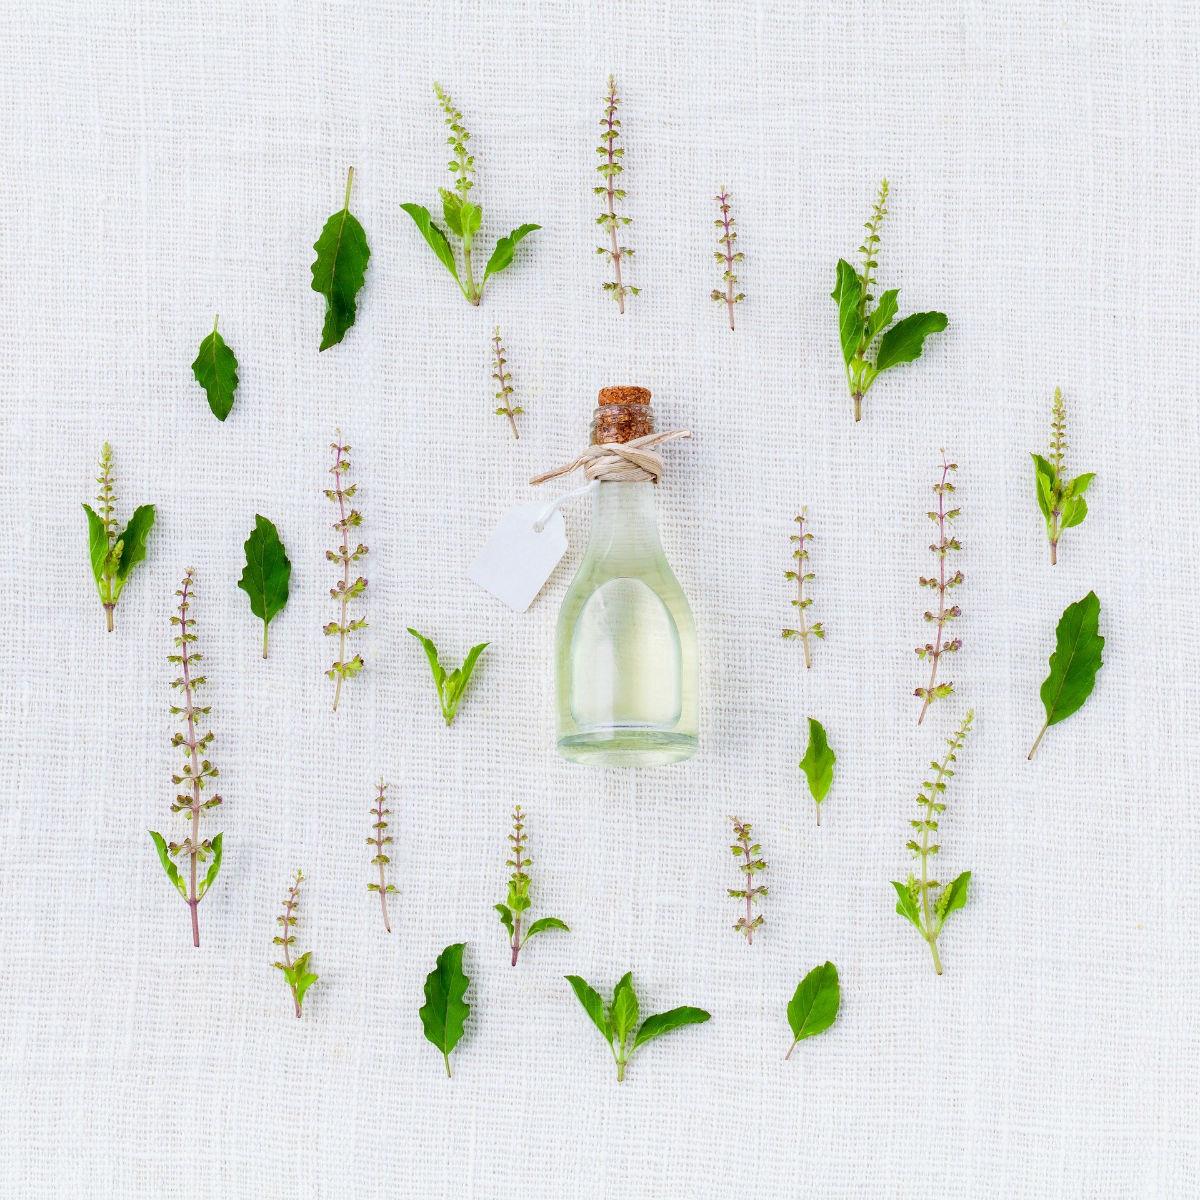 Quelles précautions prendre quand on utilise les huiles essentielles ?